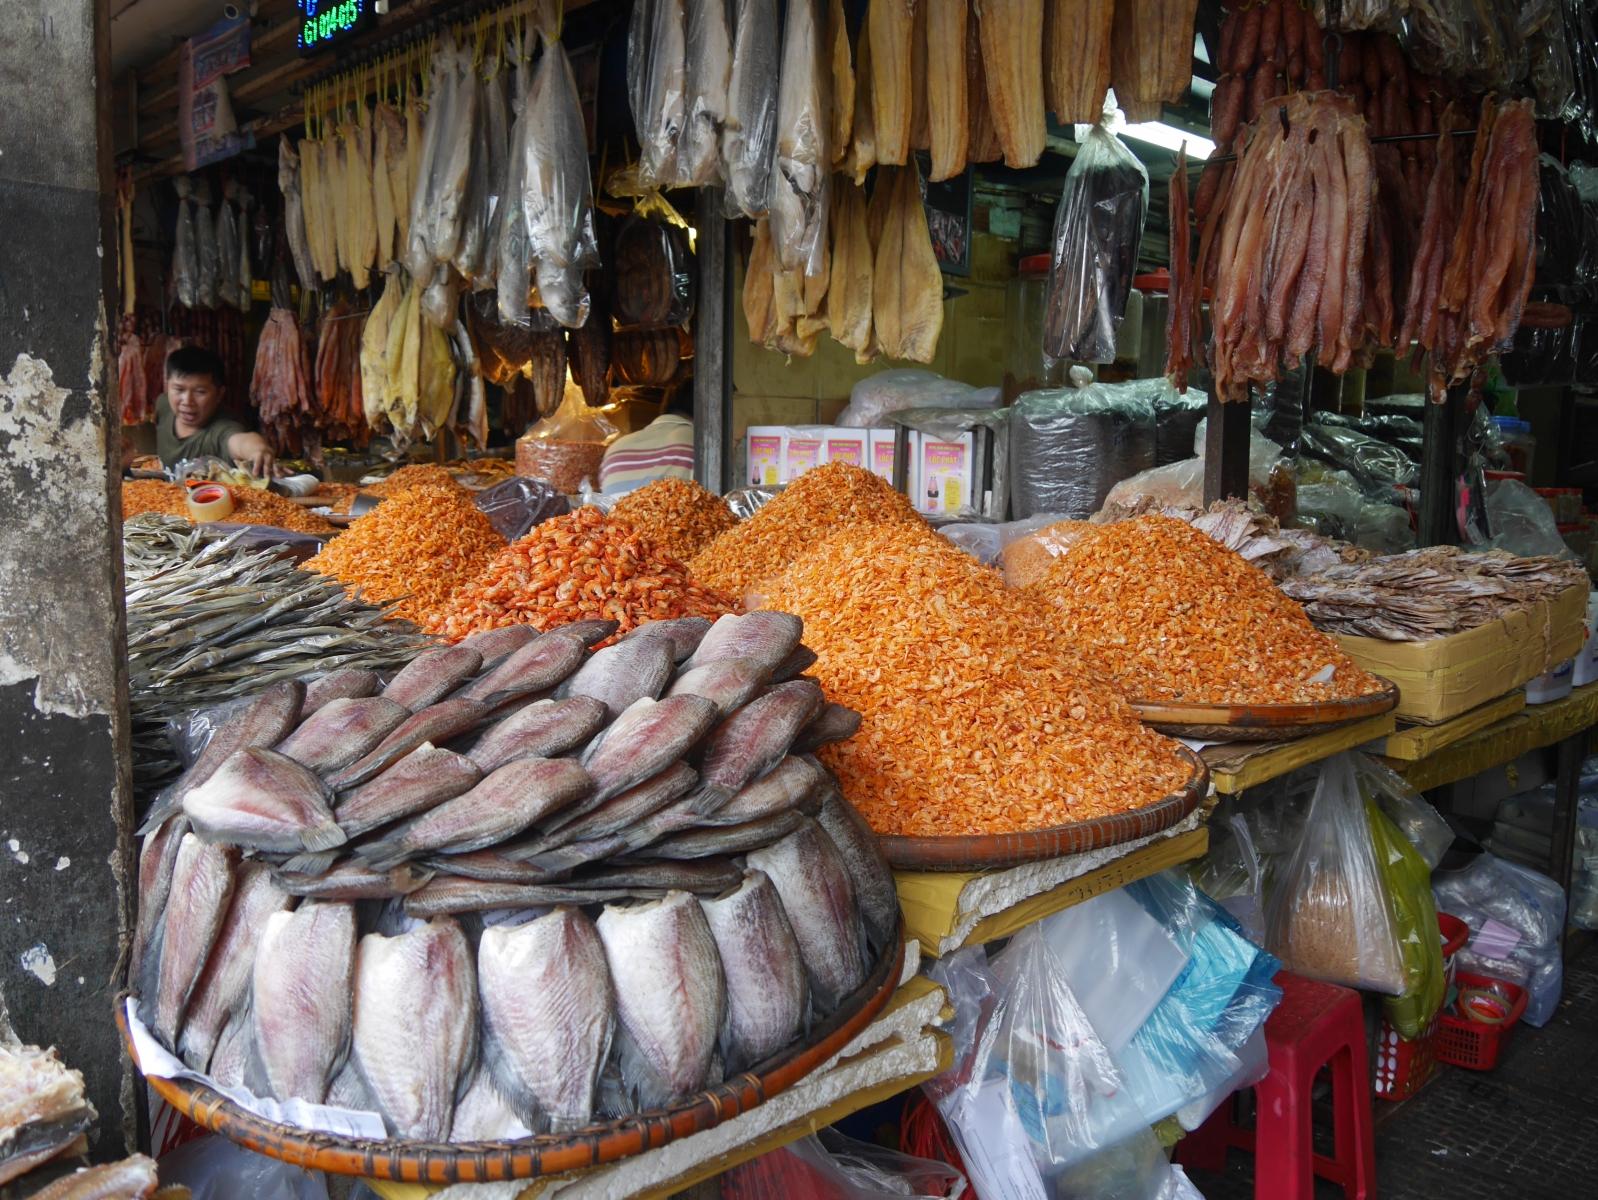 Fische , Krebse Krabben, - oftmals getrocknet - sehr intensiv im Geschmack wurden auf den Ständen liebevoll angerichtet.